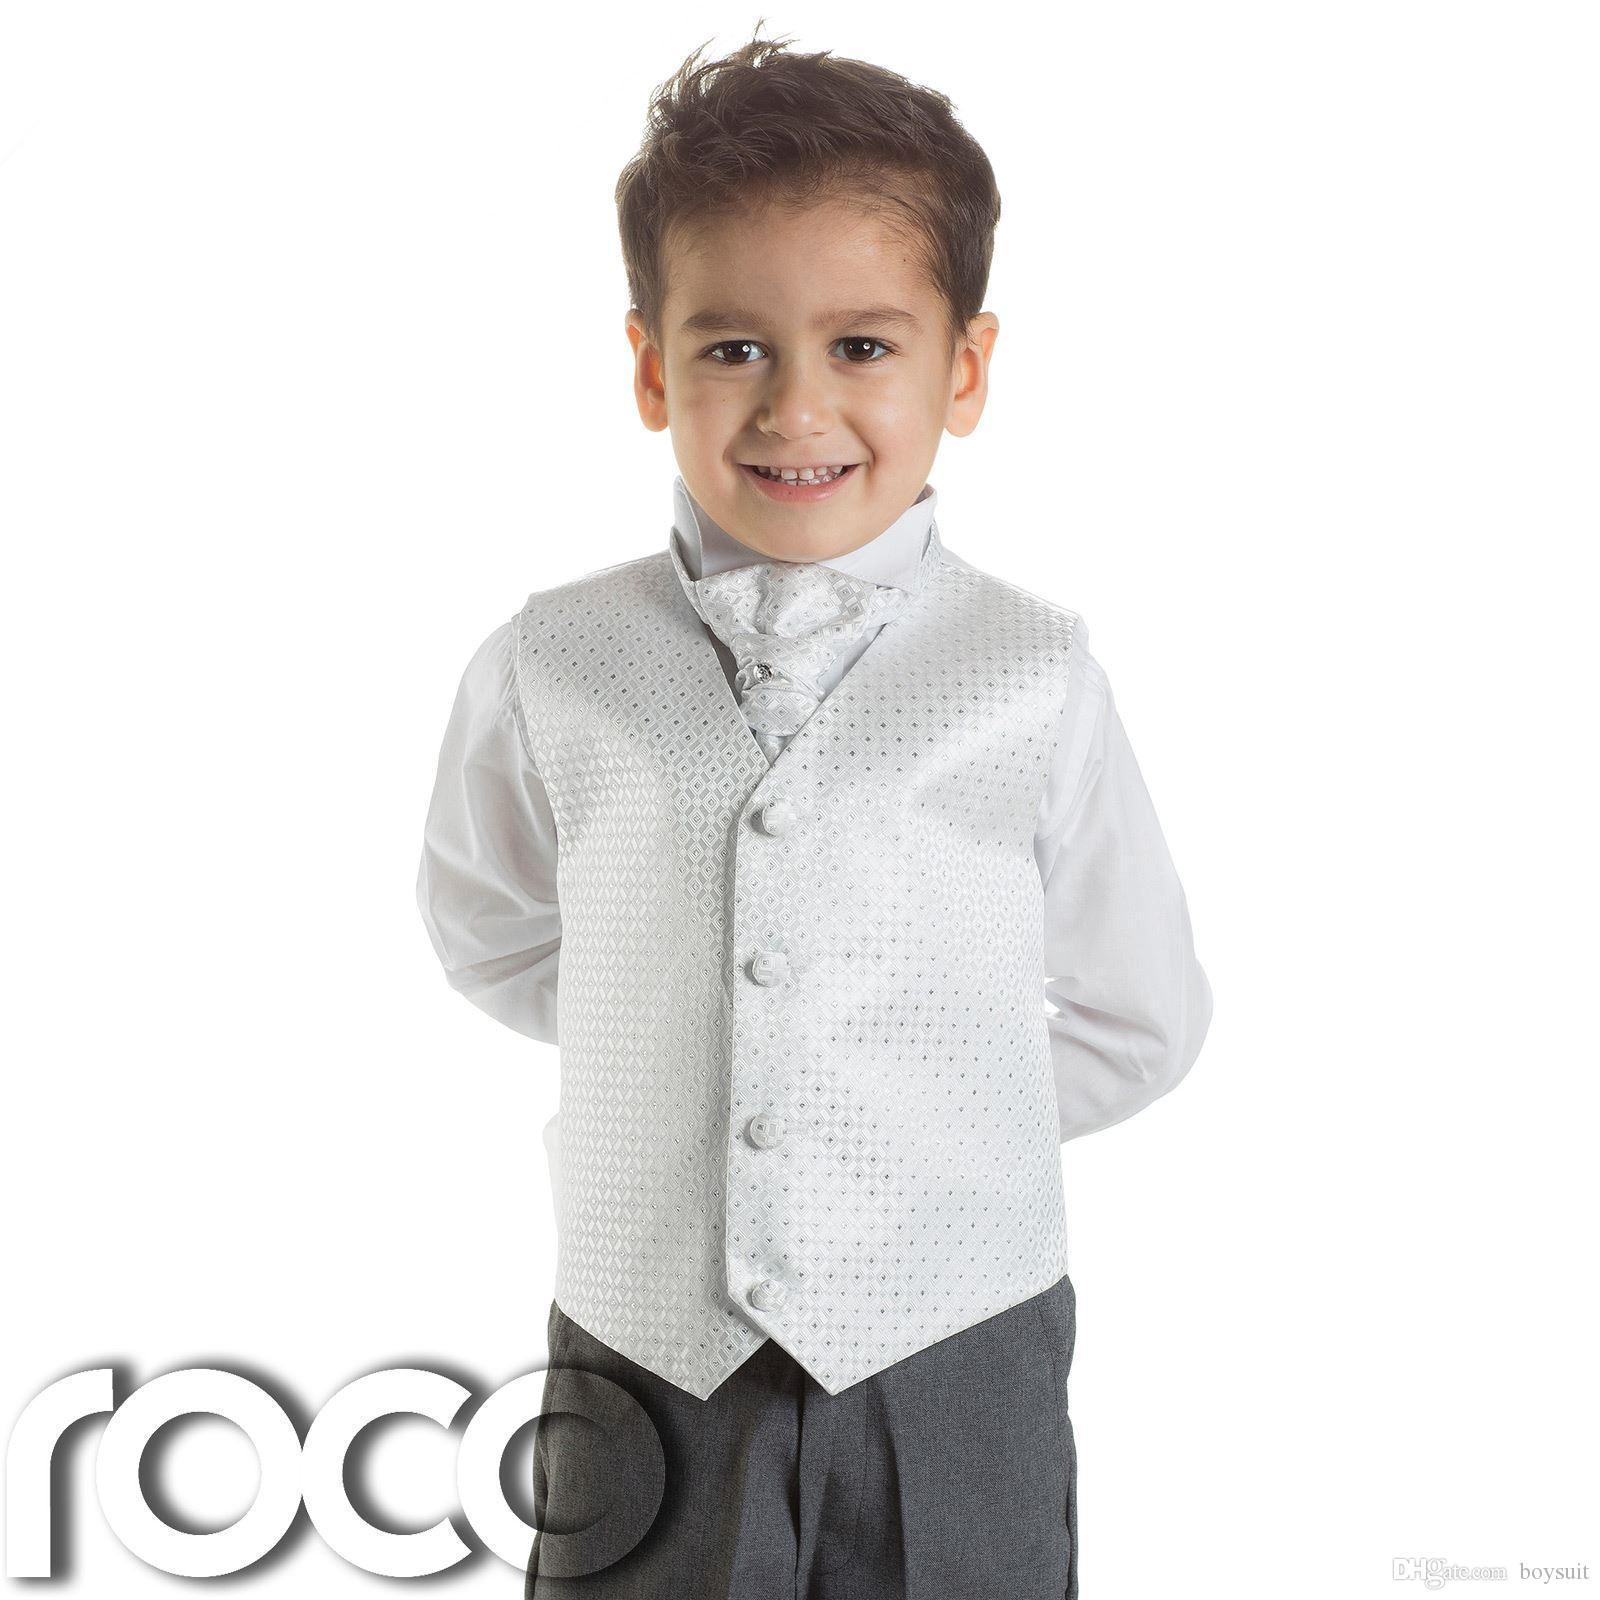 Großhandel Baby Jungen Weiß Grau Weste Anzug, Seite Junge Anzüge ...